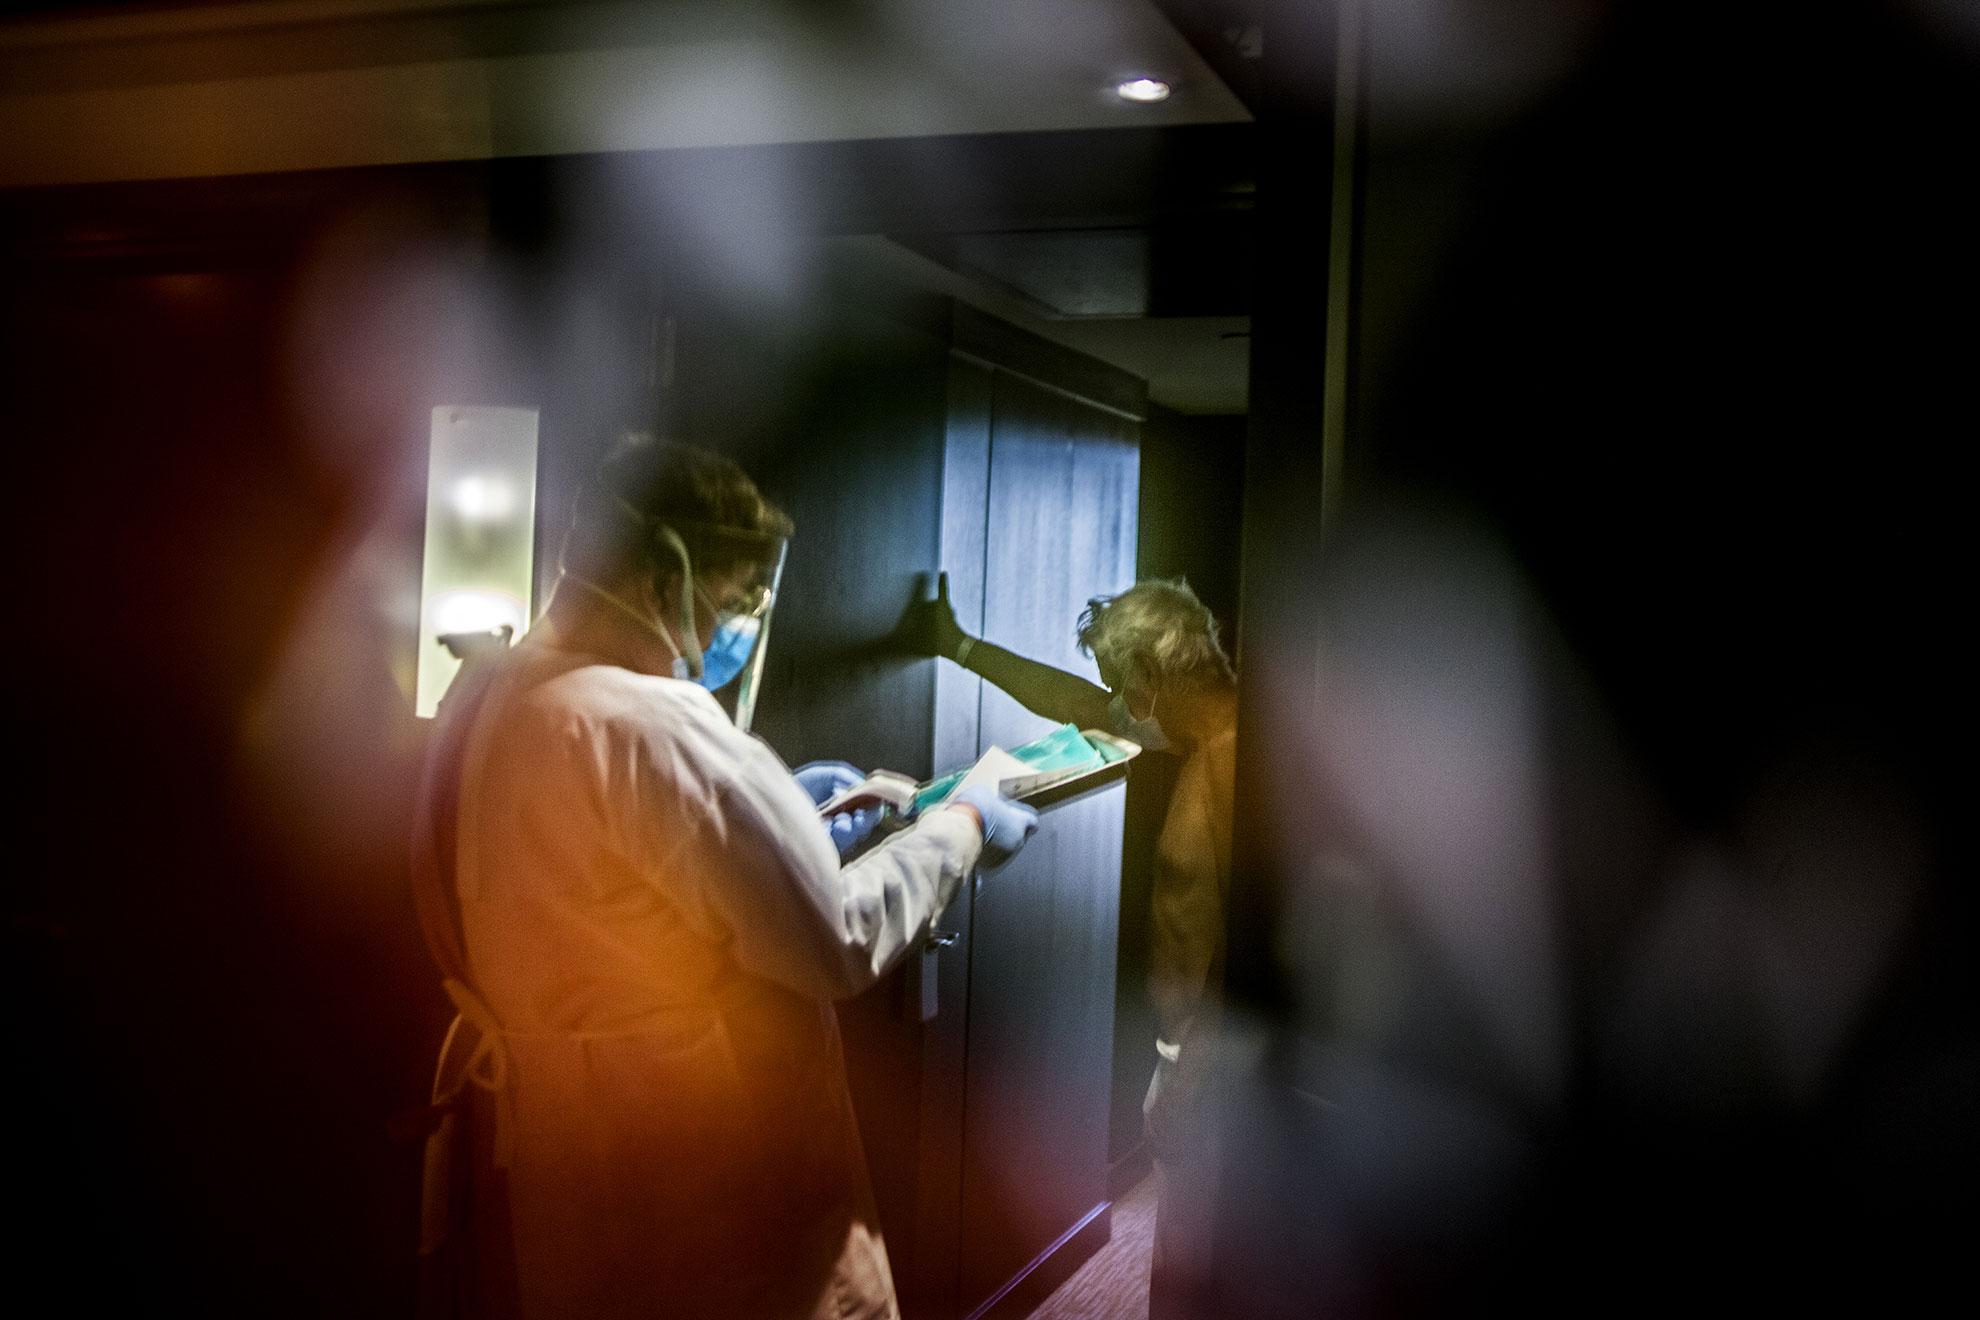 Un enfermero de la atención primaria de Barcelona, del @icscatalunya (Instituto Catalán de la Salud), habla con un señor después de tomarle la temperatura en el Hotel Melià de Barcelona. Pacientes enfermos de Covid-19 dados de alta hospitalaria han sido trasladados a diferentes hoteles de Barcelona, entre ellos el Hotel Melià, para pasar dos semanas de confinamiento, antes de poder volver a casa. Una vez llegan, personal sanitario y del hotel hacen la acogida y toma de temperatura antes de asignarles una habitación.